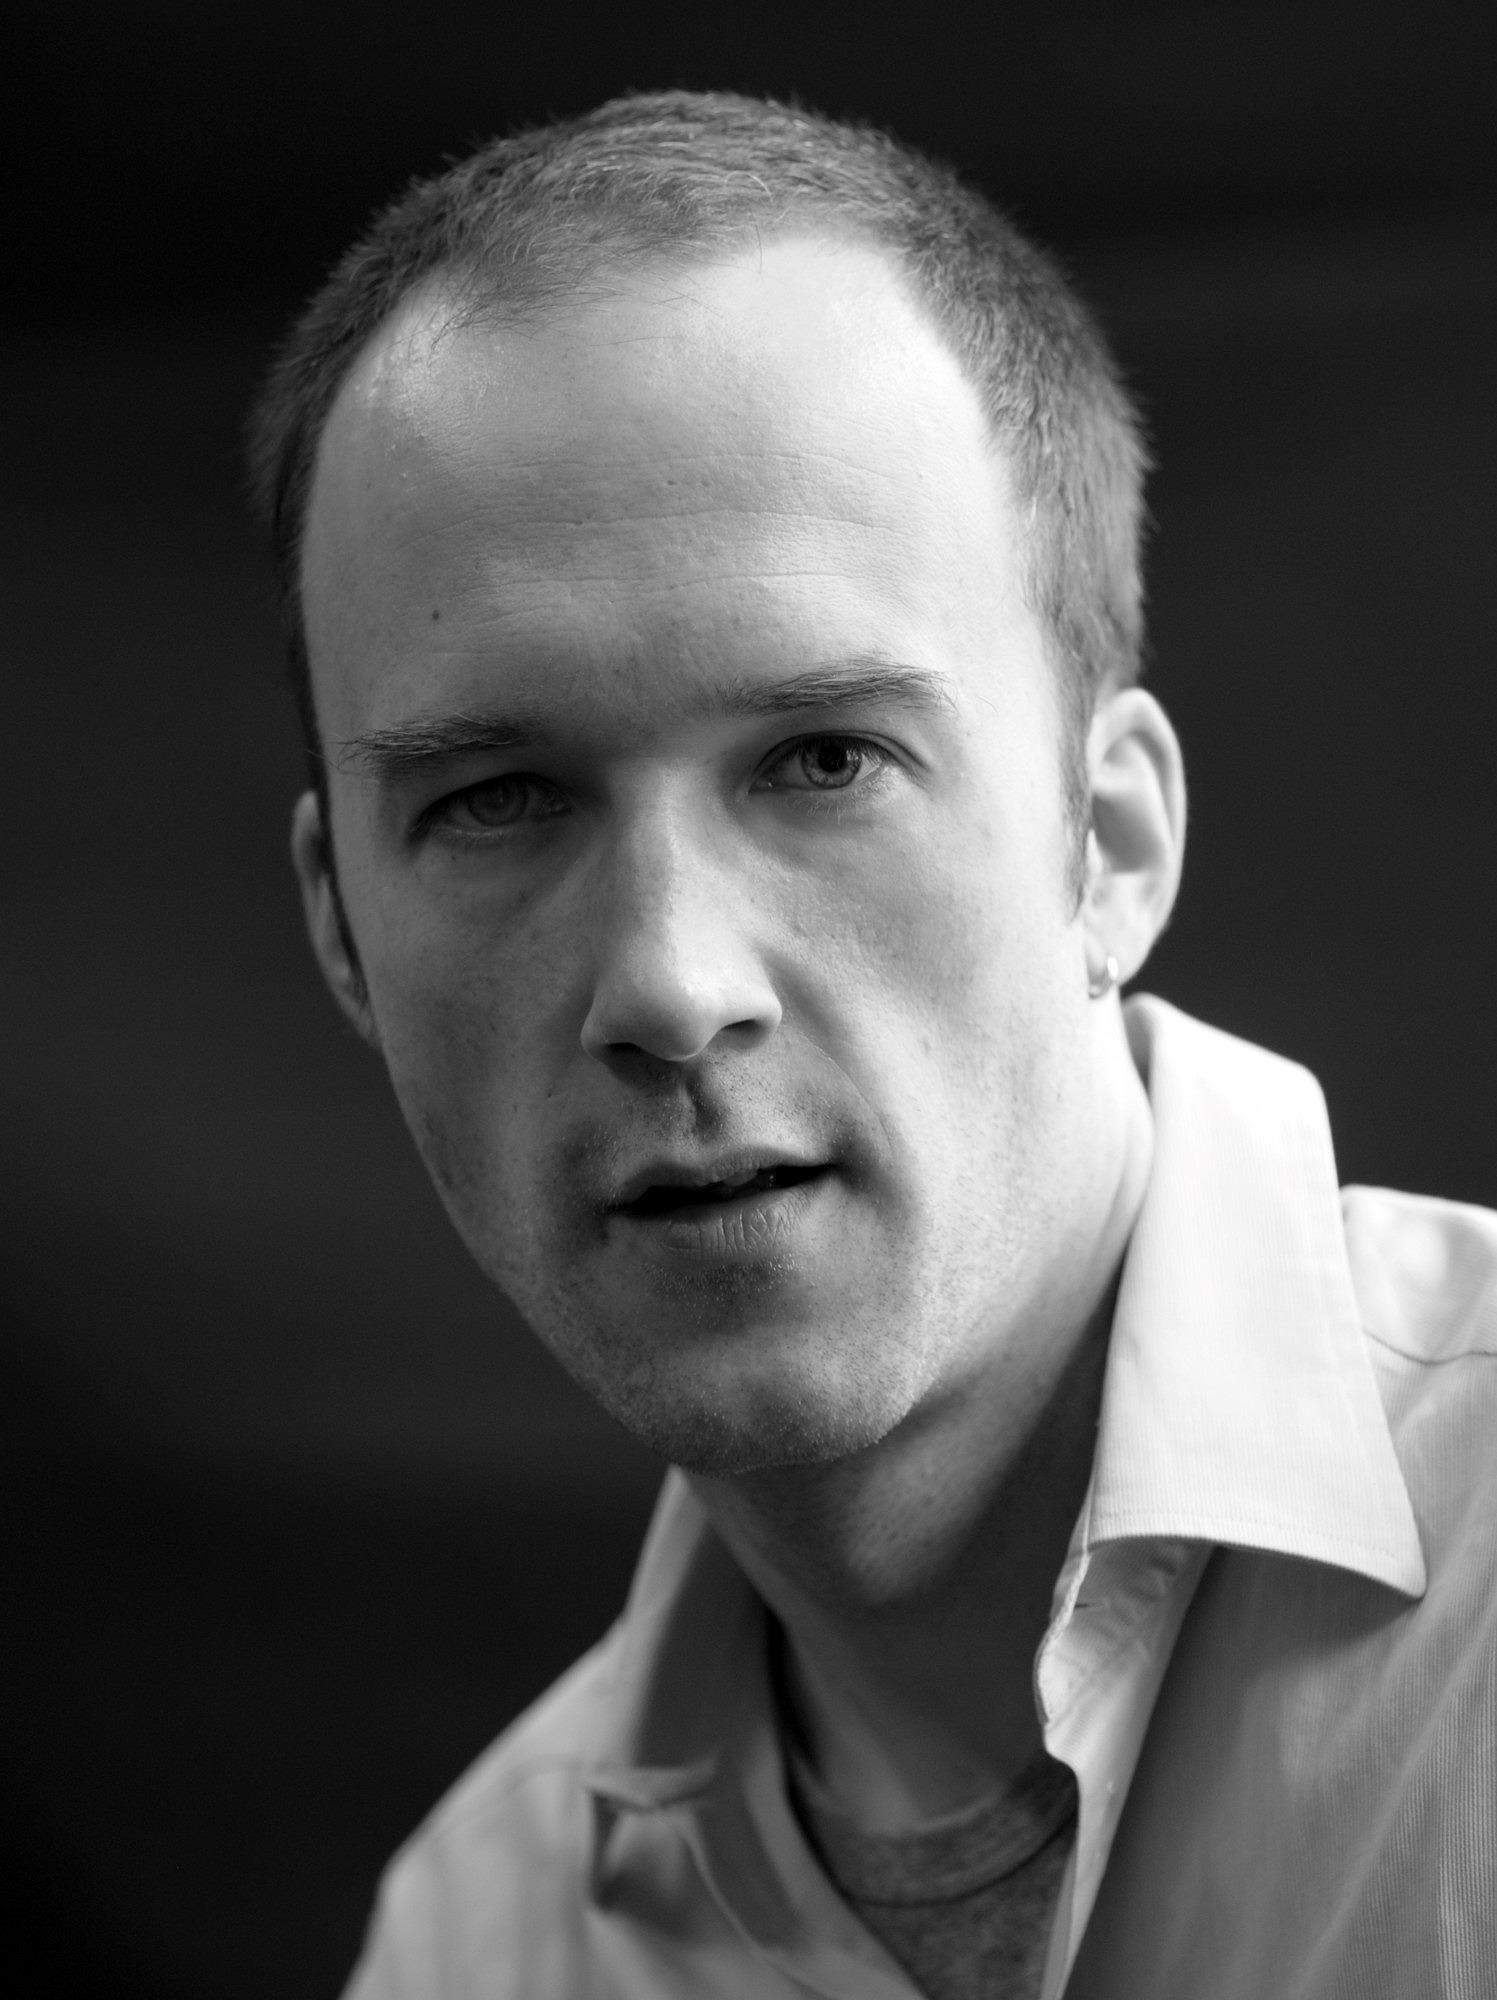 Martin Donner